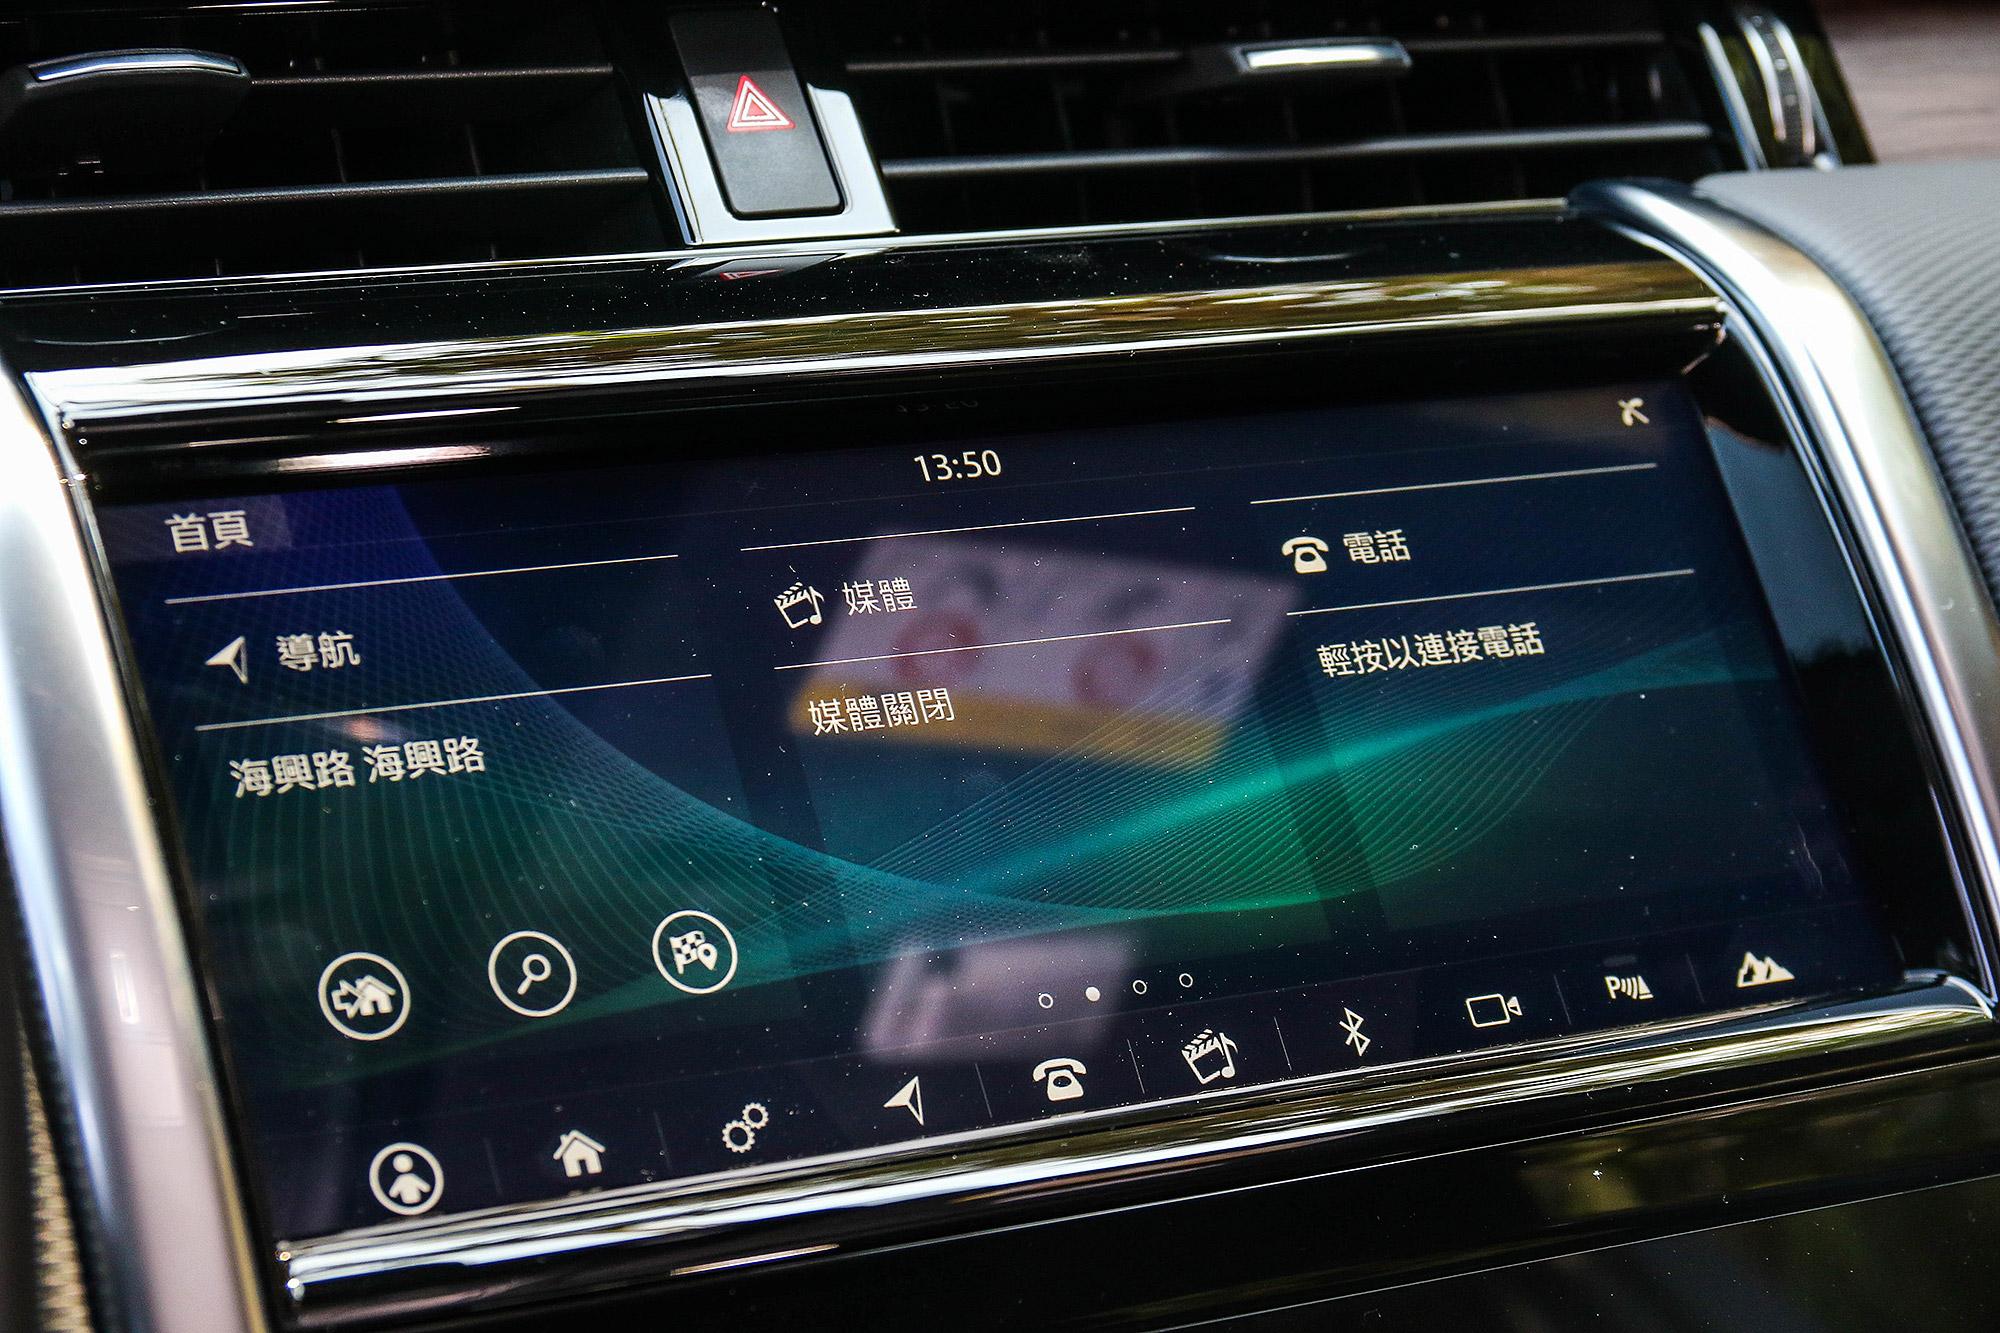 多媒體資訊整合系統升級為 10 吋螢幕的 Touch Pro 系統。